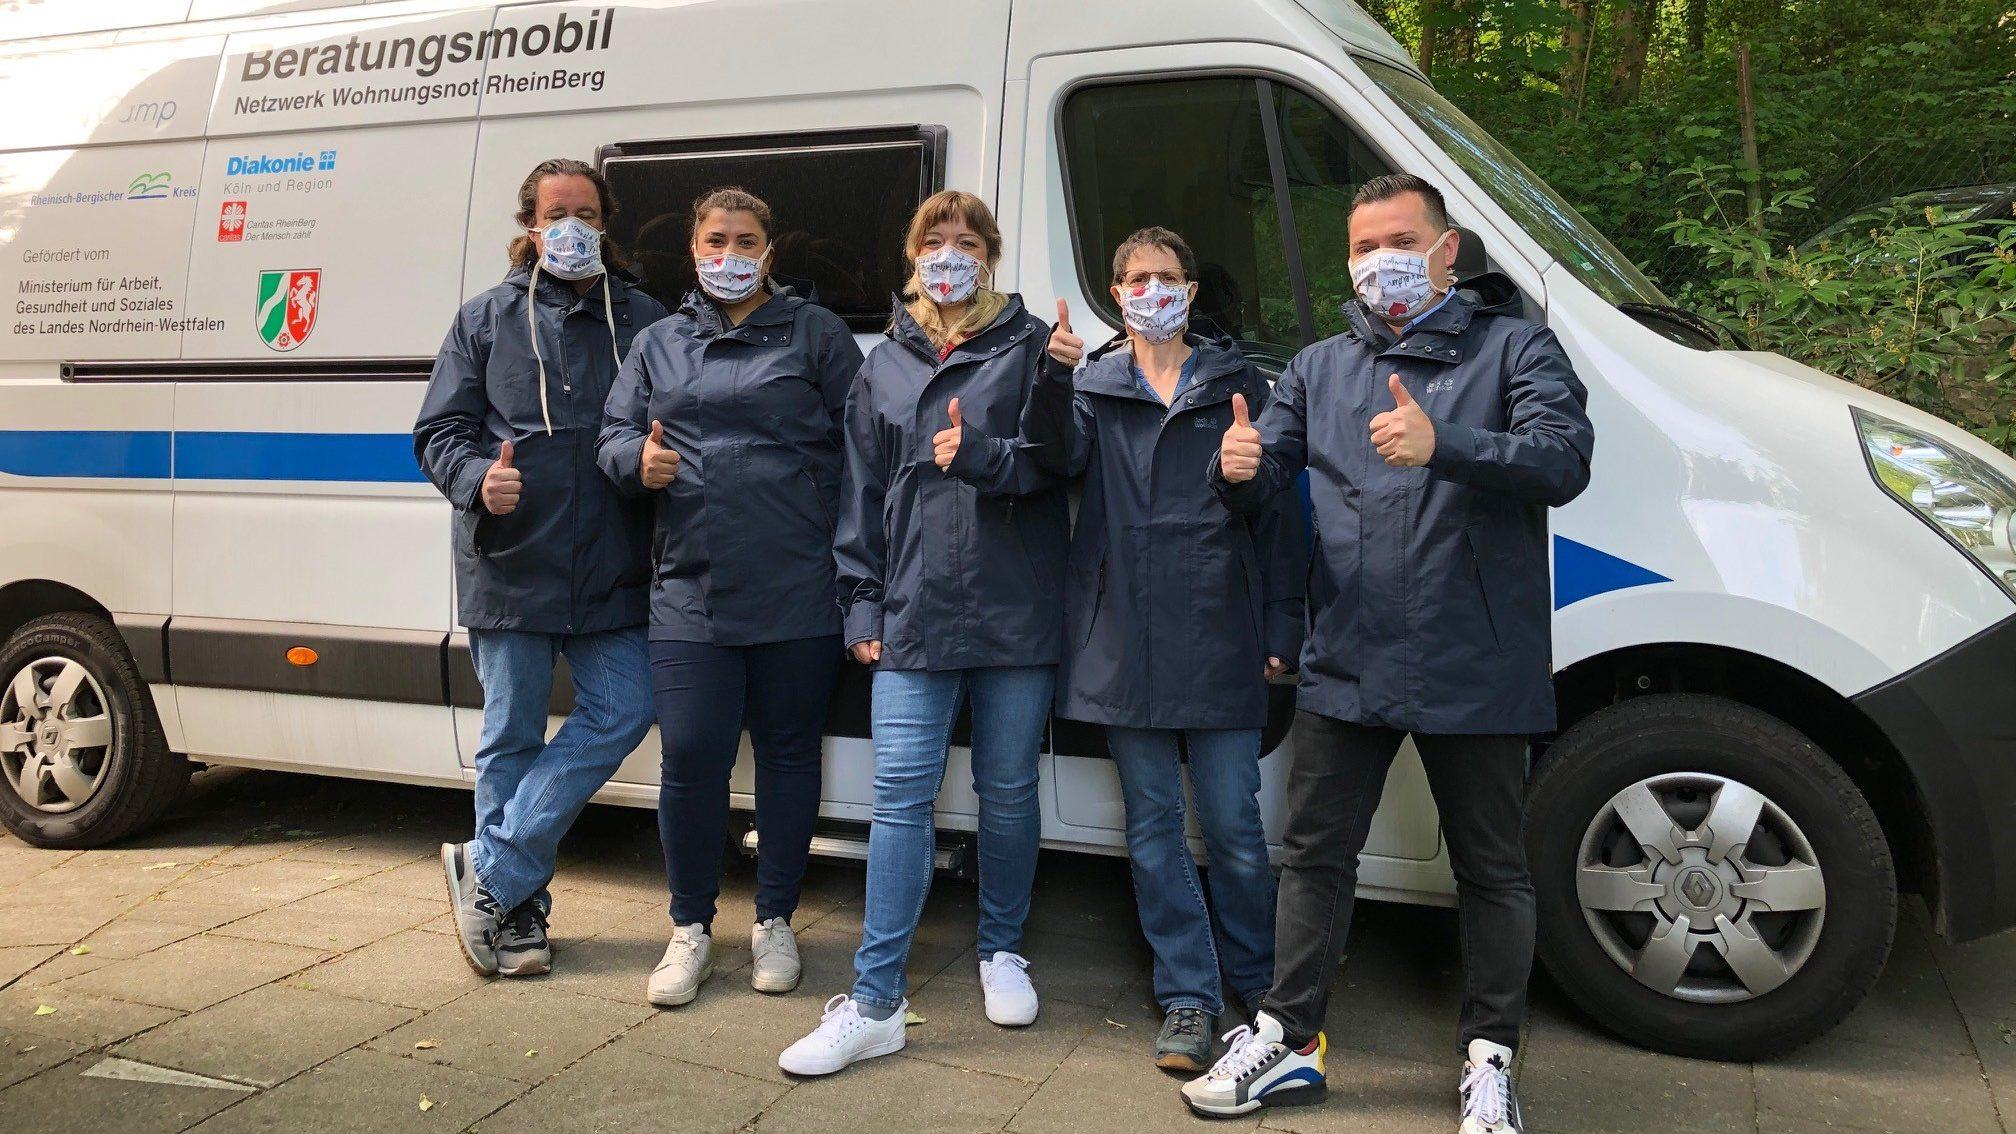 Großzügige Sach- und Geldspenden zur Unterstützung der Arbeit der Diakonisches Werk Köln und Region gGmbH